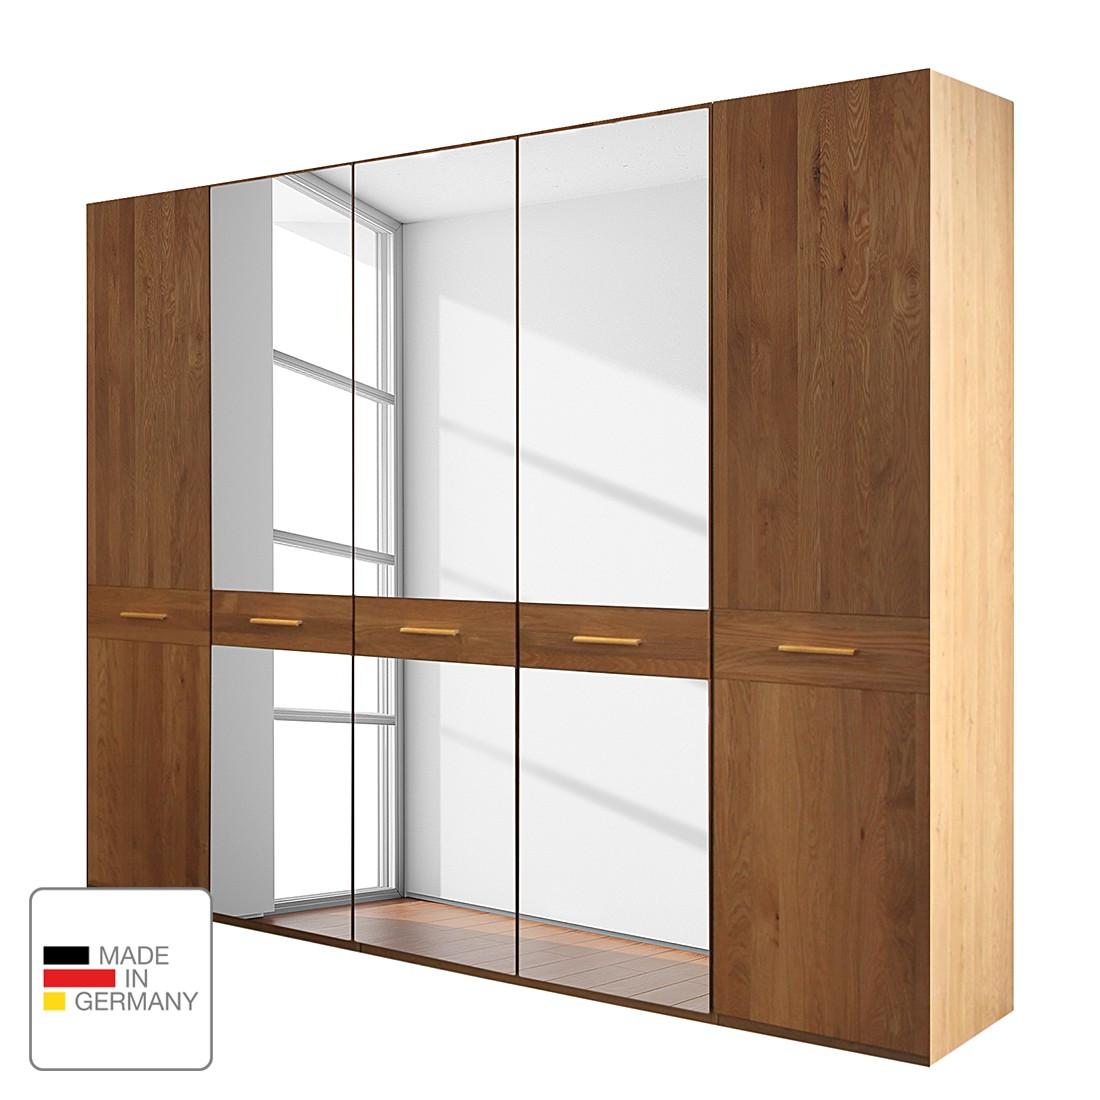 goedkoop Draaideurkast Faro gelakt deels massief eikenhout 250cm 5 deurs 3 spiegeldeuren Zonder Passe partout lijst Wiemann